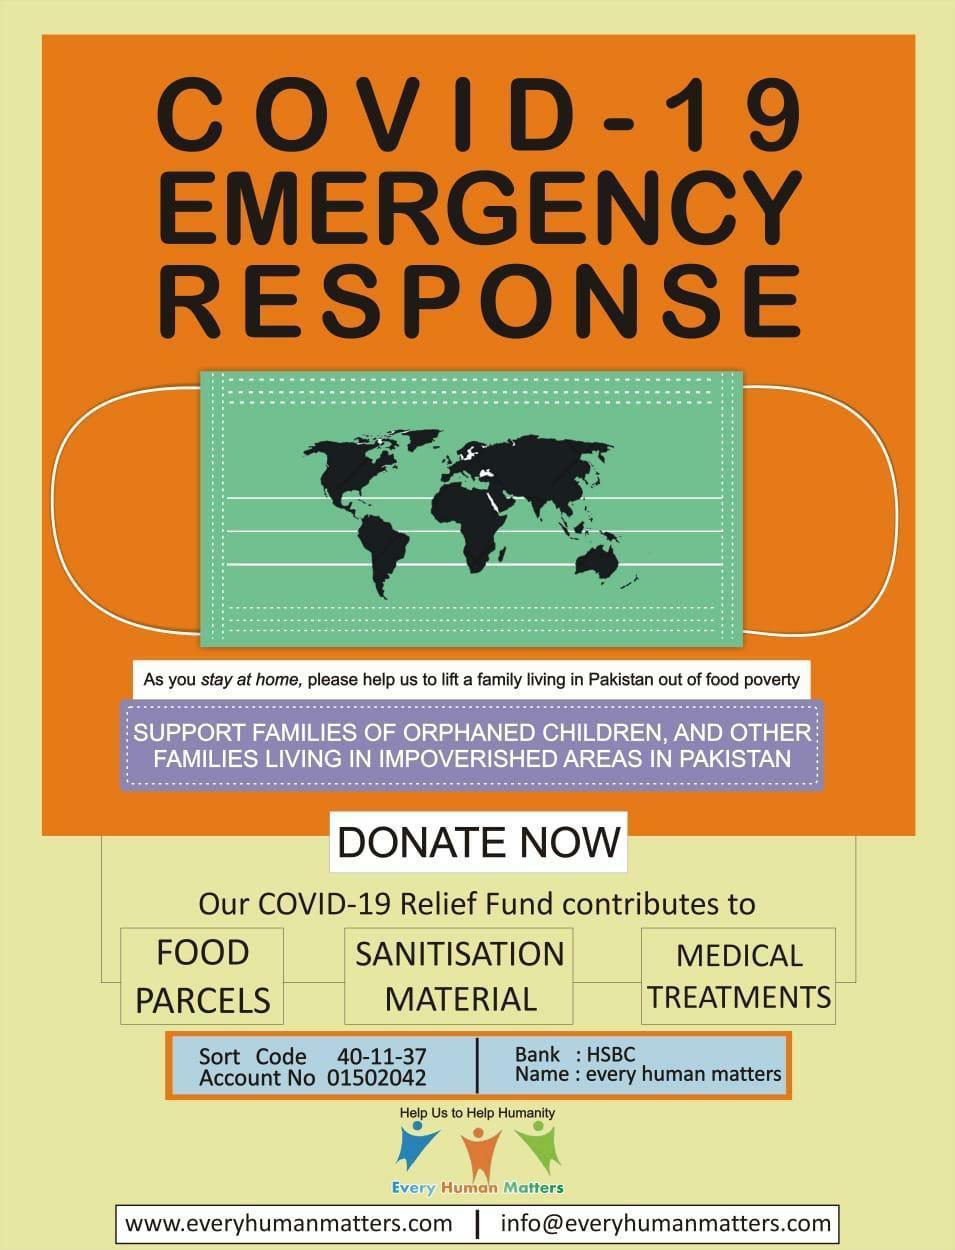 COVID-19 Emergency Response